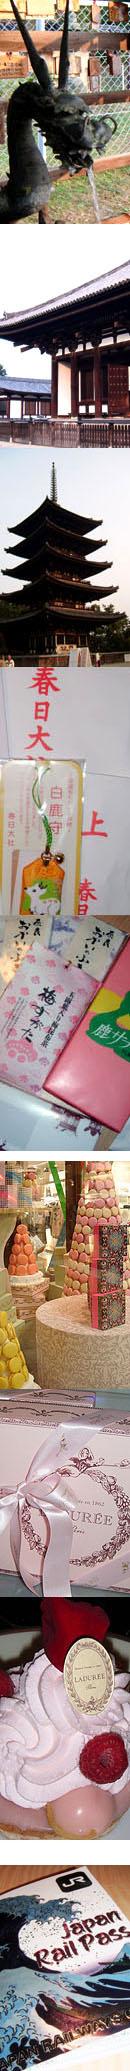 ジャパン・トリップ(5) 奈良&東京